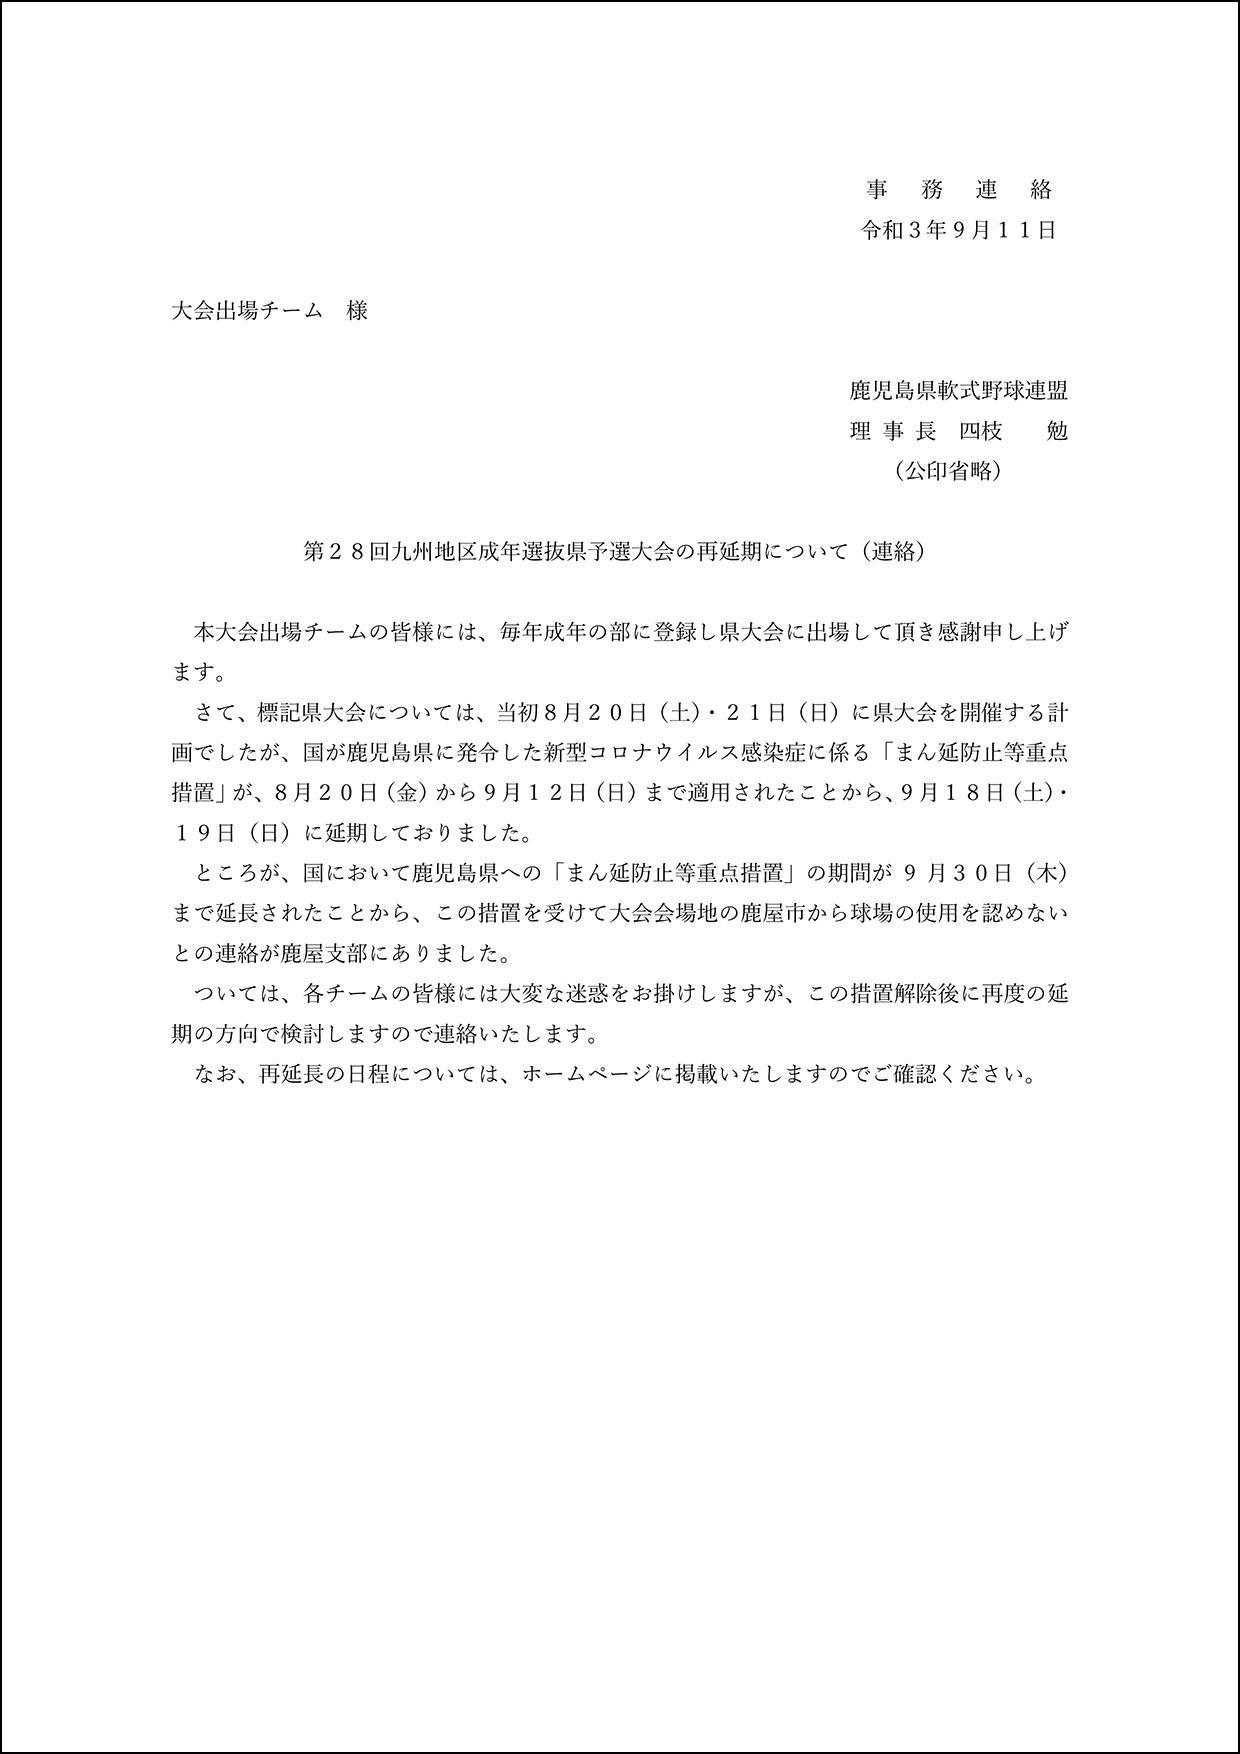 第28回九州地区成年選抜県予選大会の再延期について